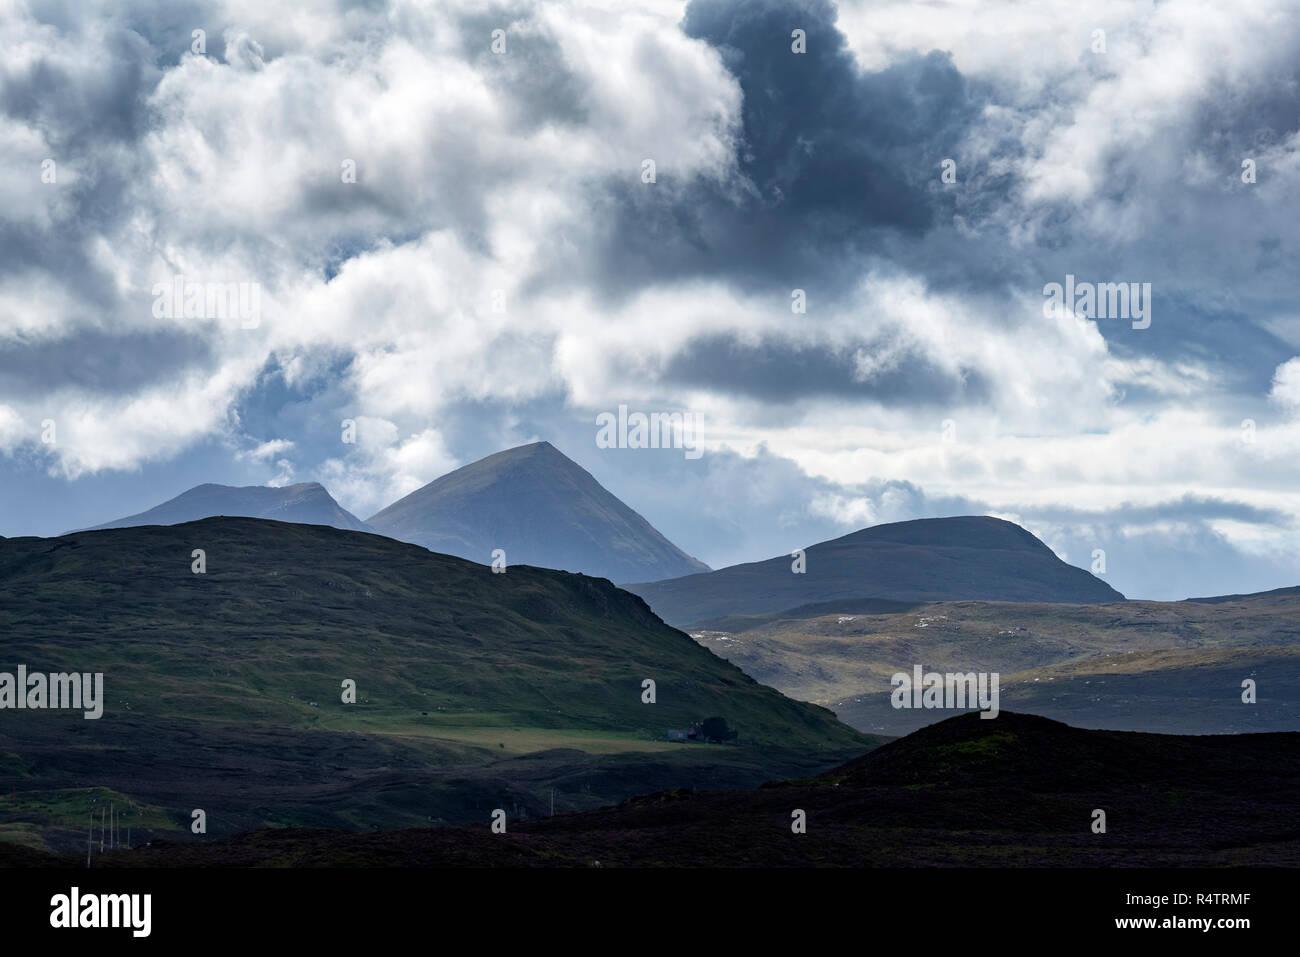 Atmosphère sombre nuage, paysage vallonné, dans les Highlands, Wester Ross, Scotland, Grande-Bretagne Photo Stock